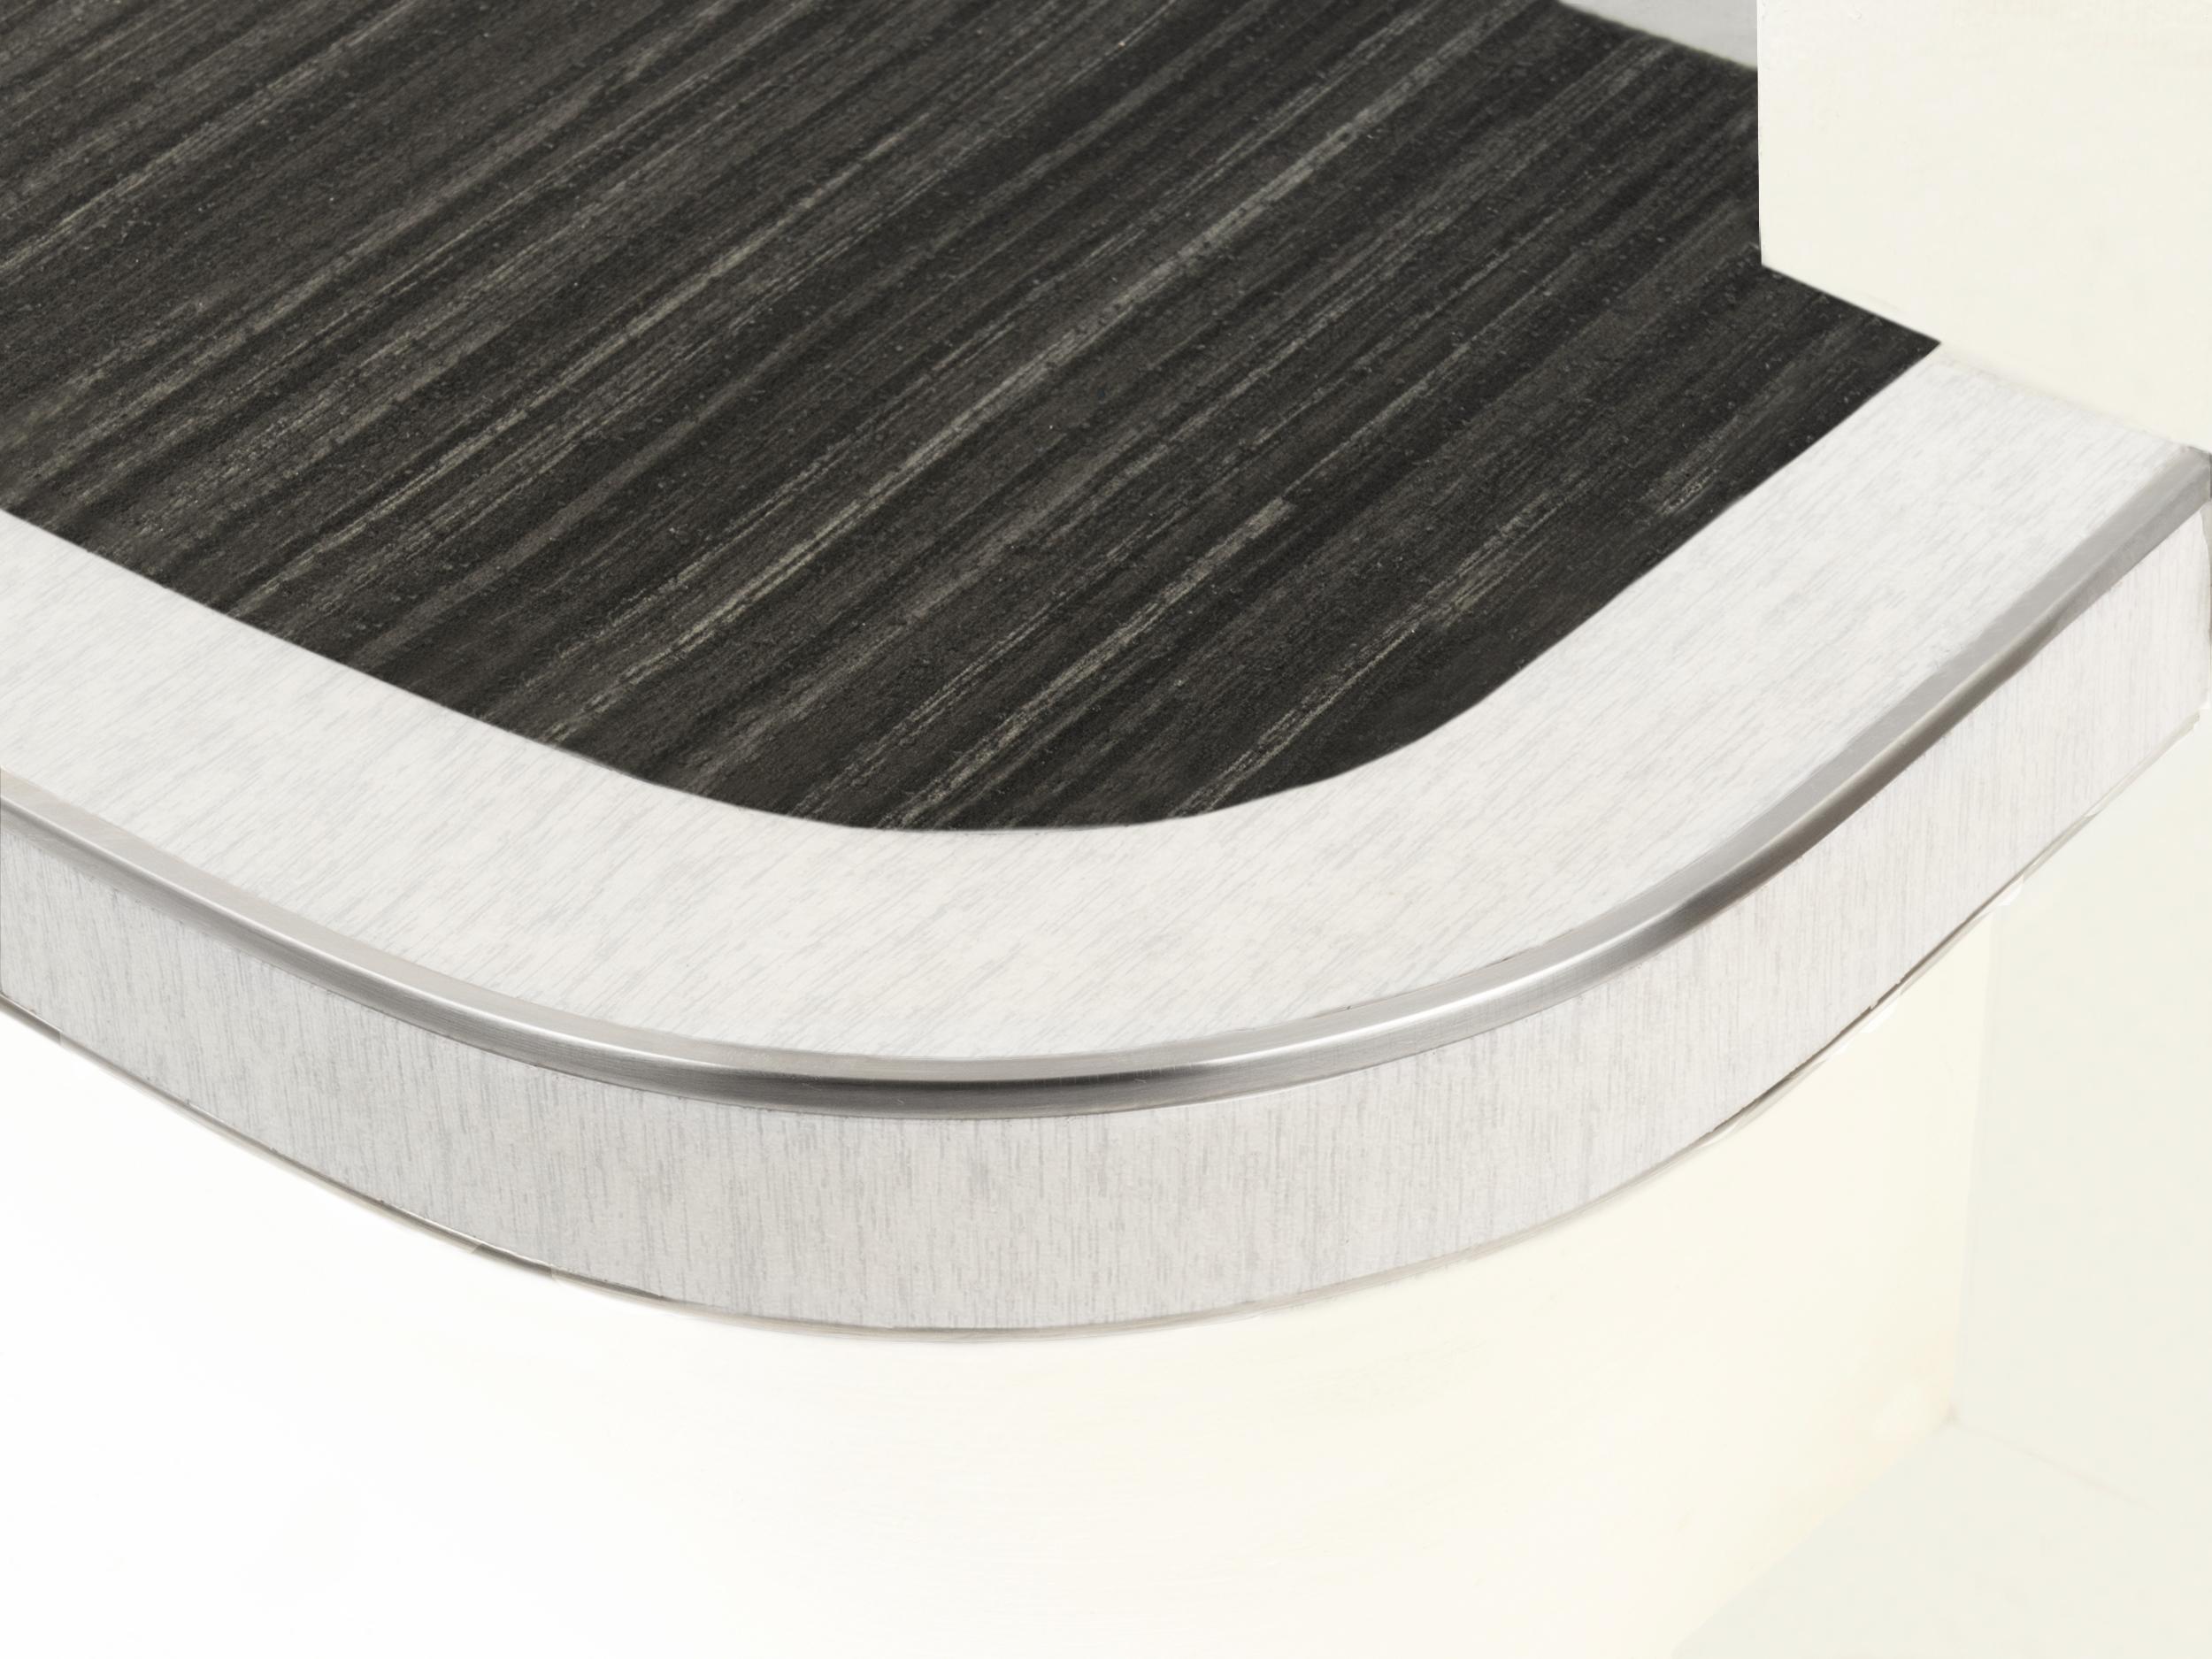 stairrods-safety-floor-brushed-chrome-bendy-bull_edited-2.jpg